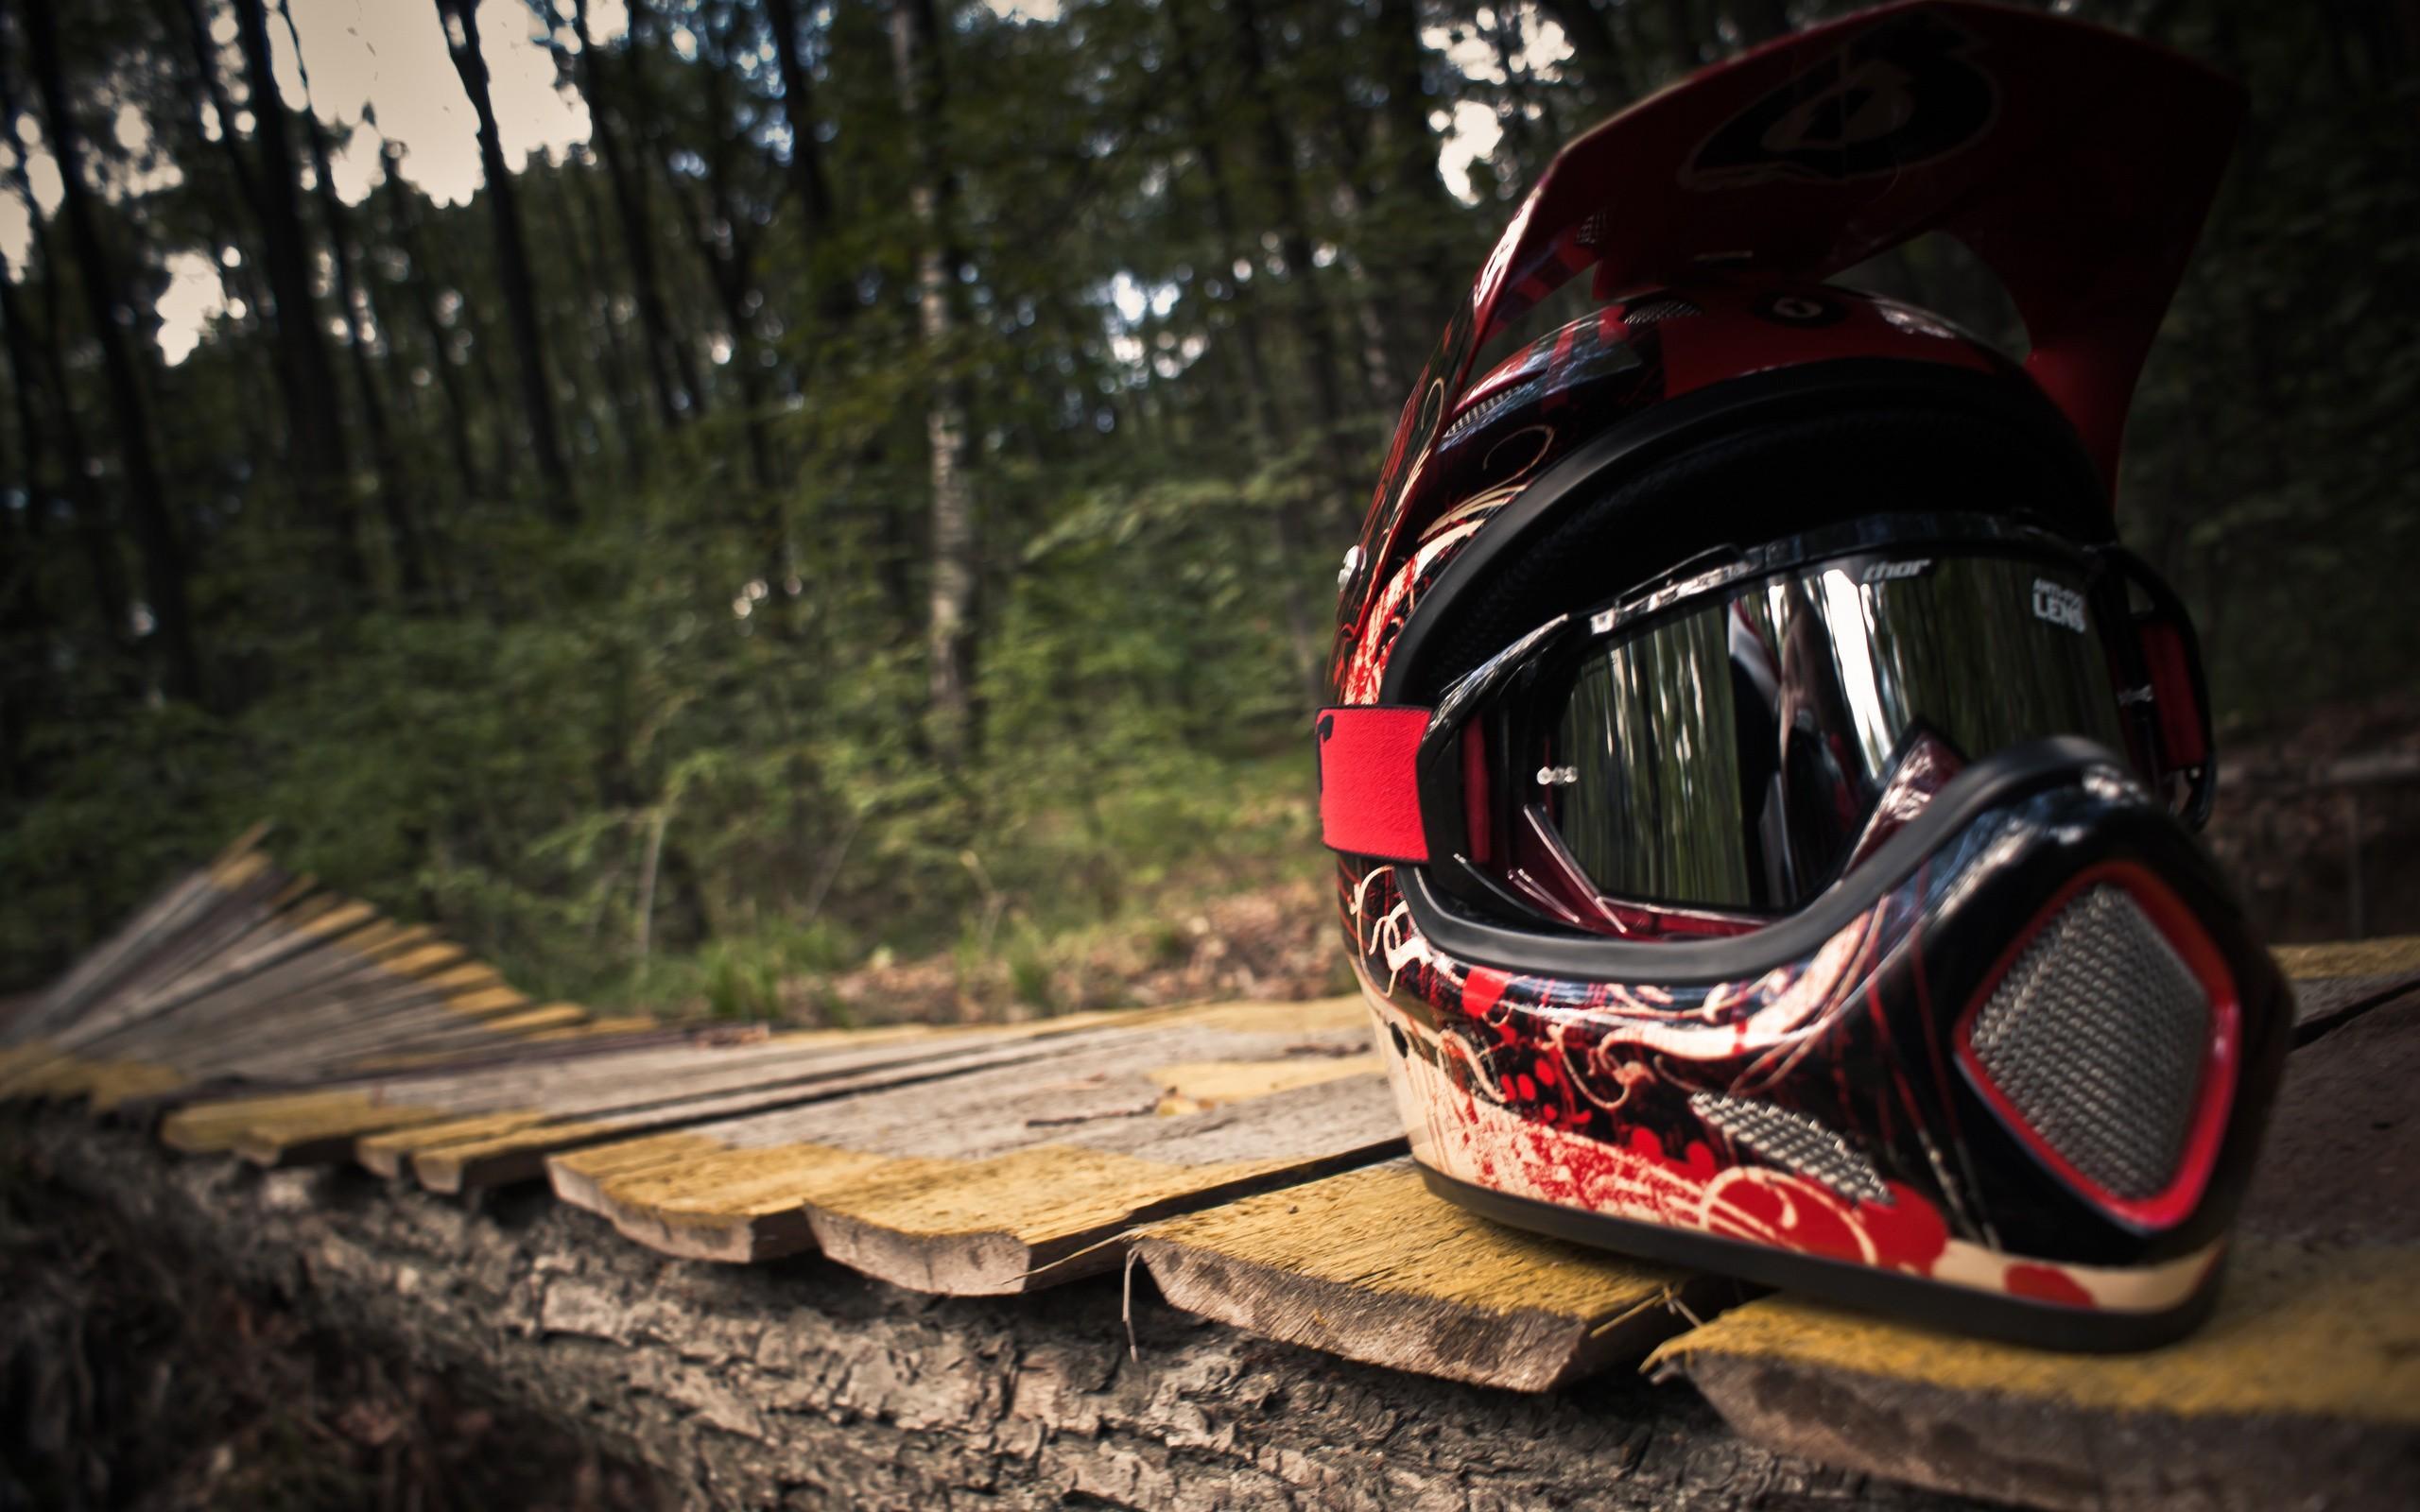 wallpaper casco motocross 2560x1600